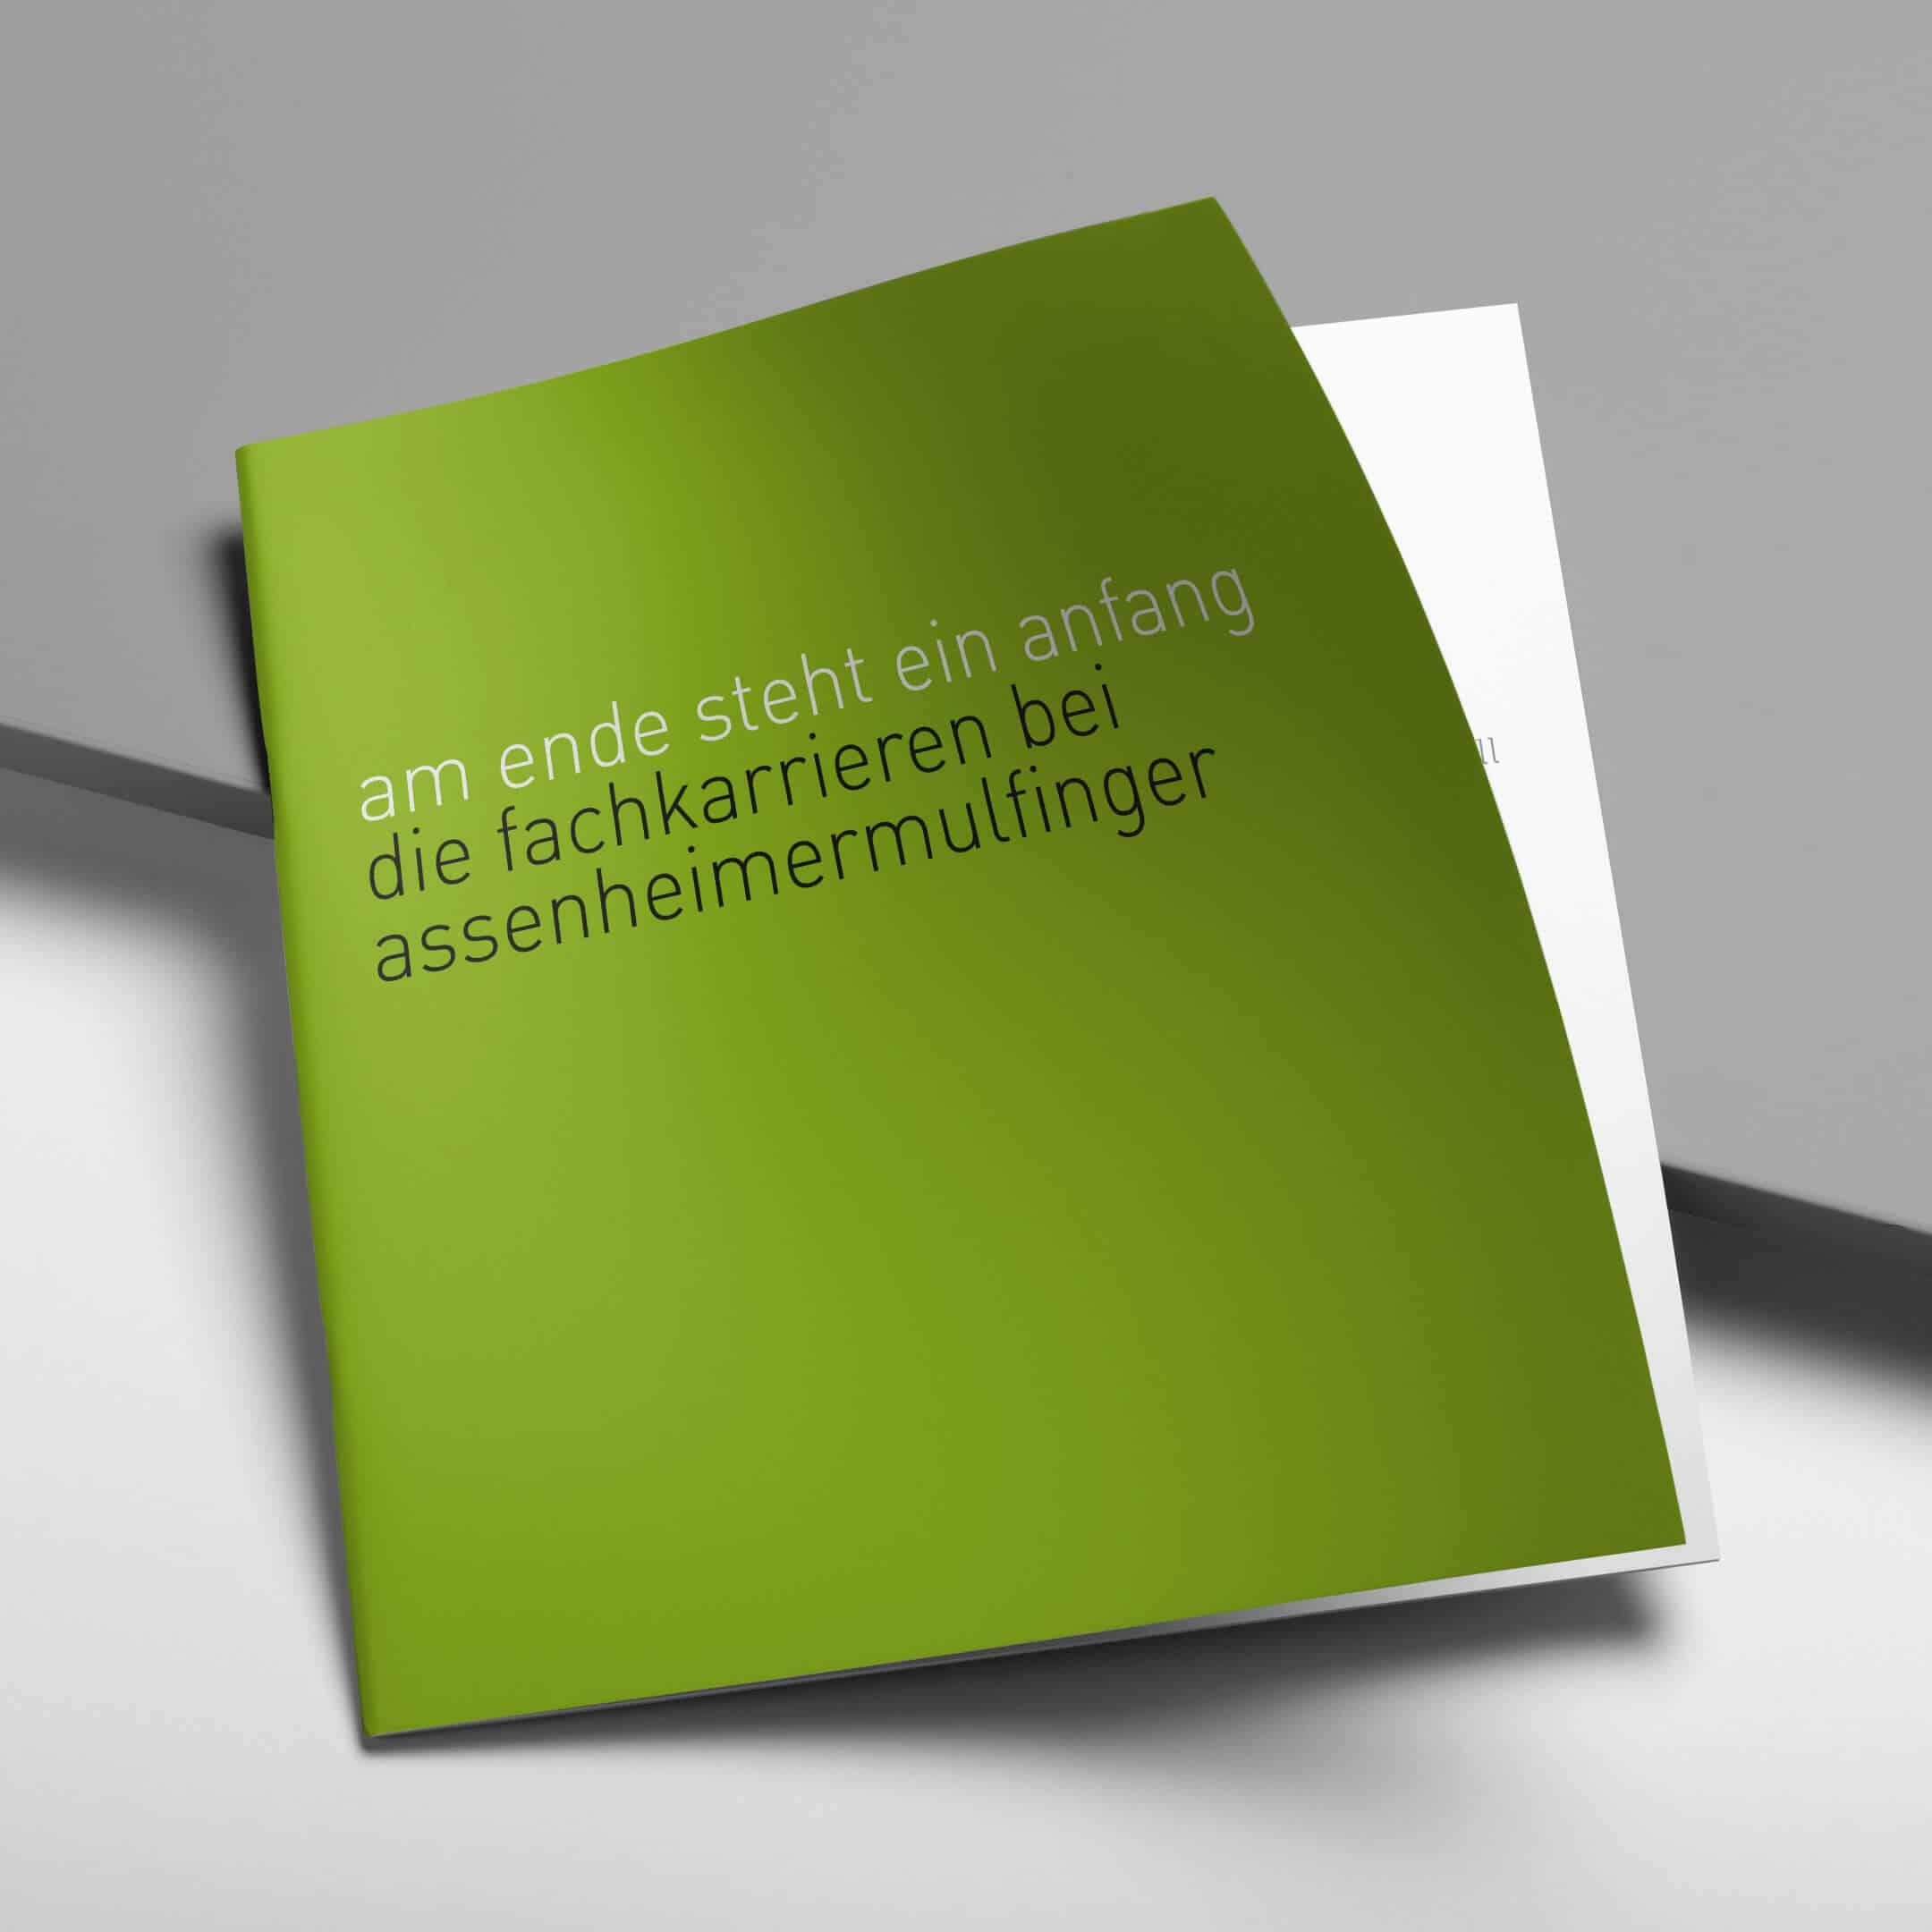 ASSMU-Fachkarriere-Cover1_Mobile